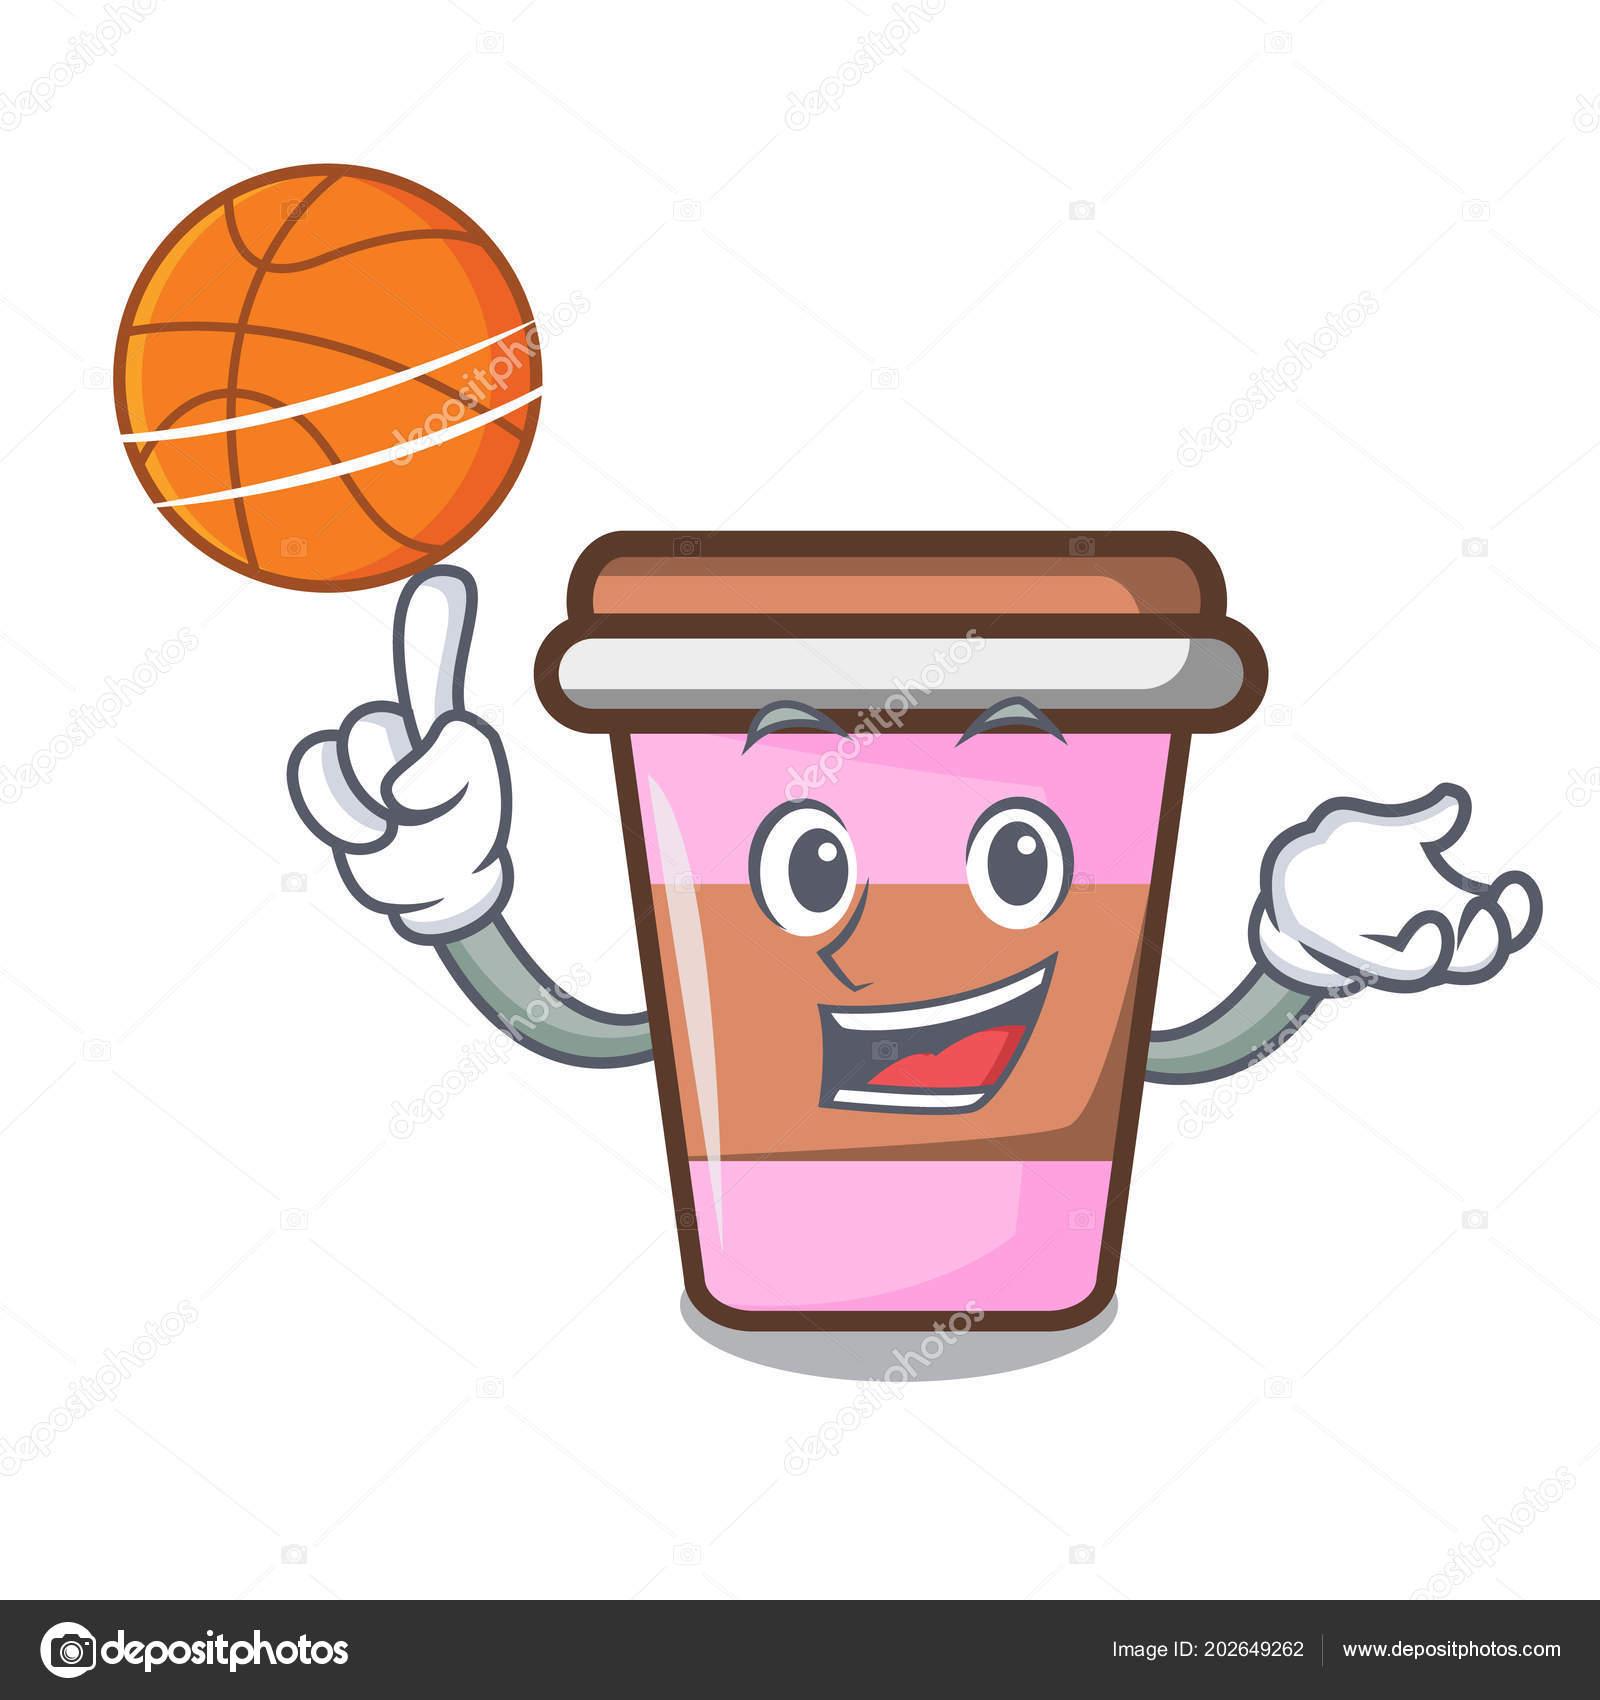 Basketbal Kavy Salek Charakter Kreslene Vektorove Ilustrace Stock